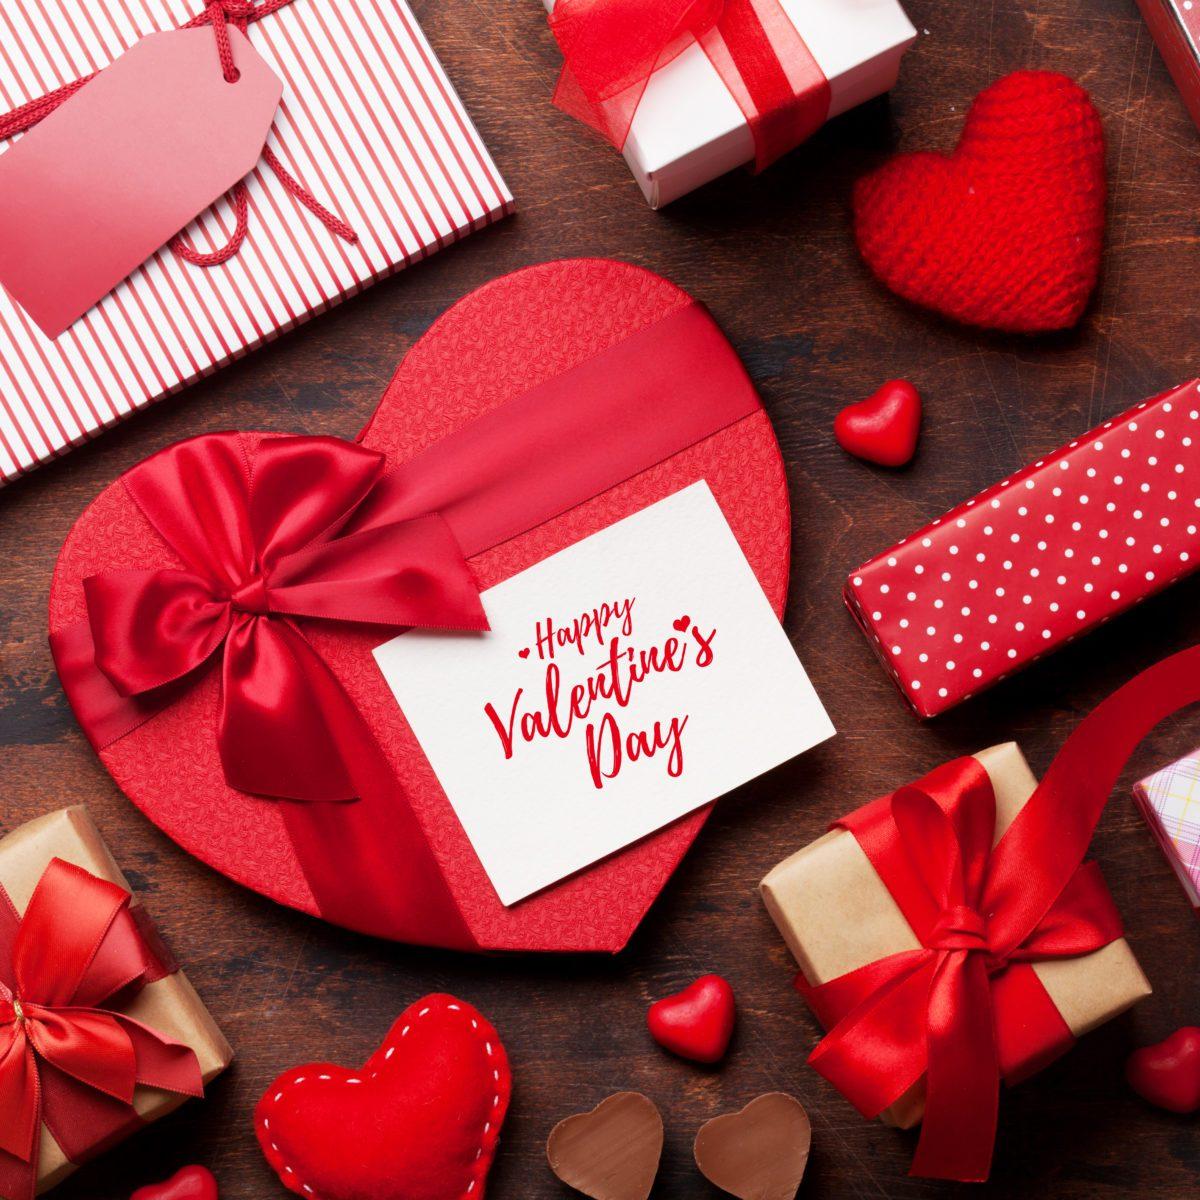 30 Great Valentine Gifts Under $10